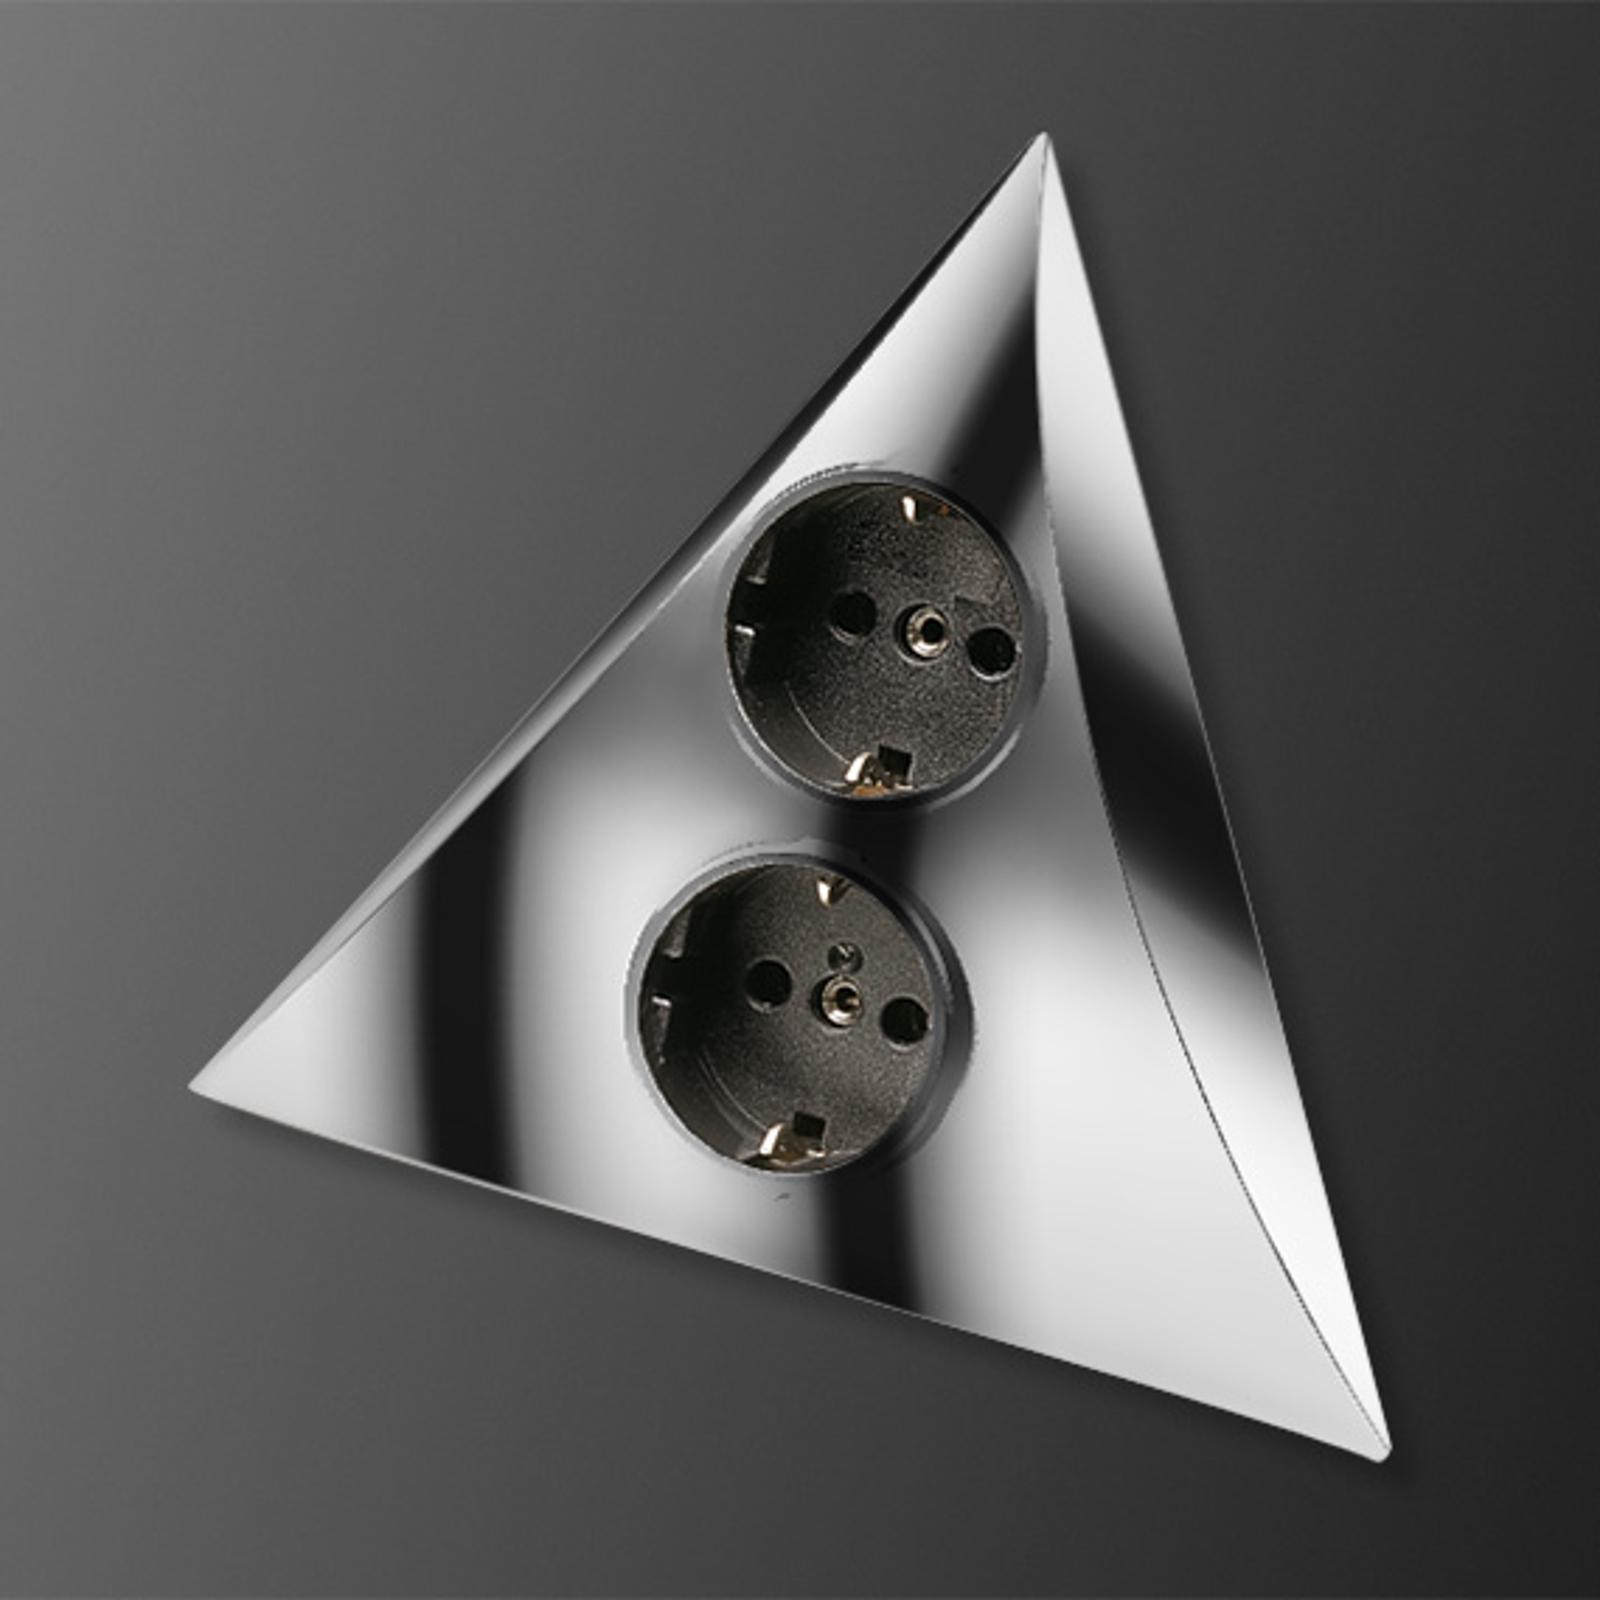 Stikkontakt-kombinasjon Luxor krom 2 stikkontakt